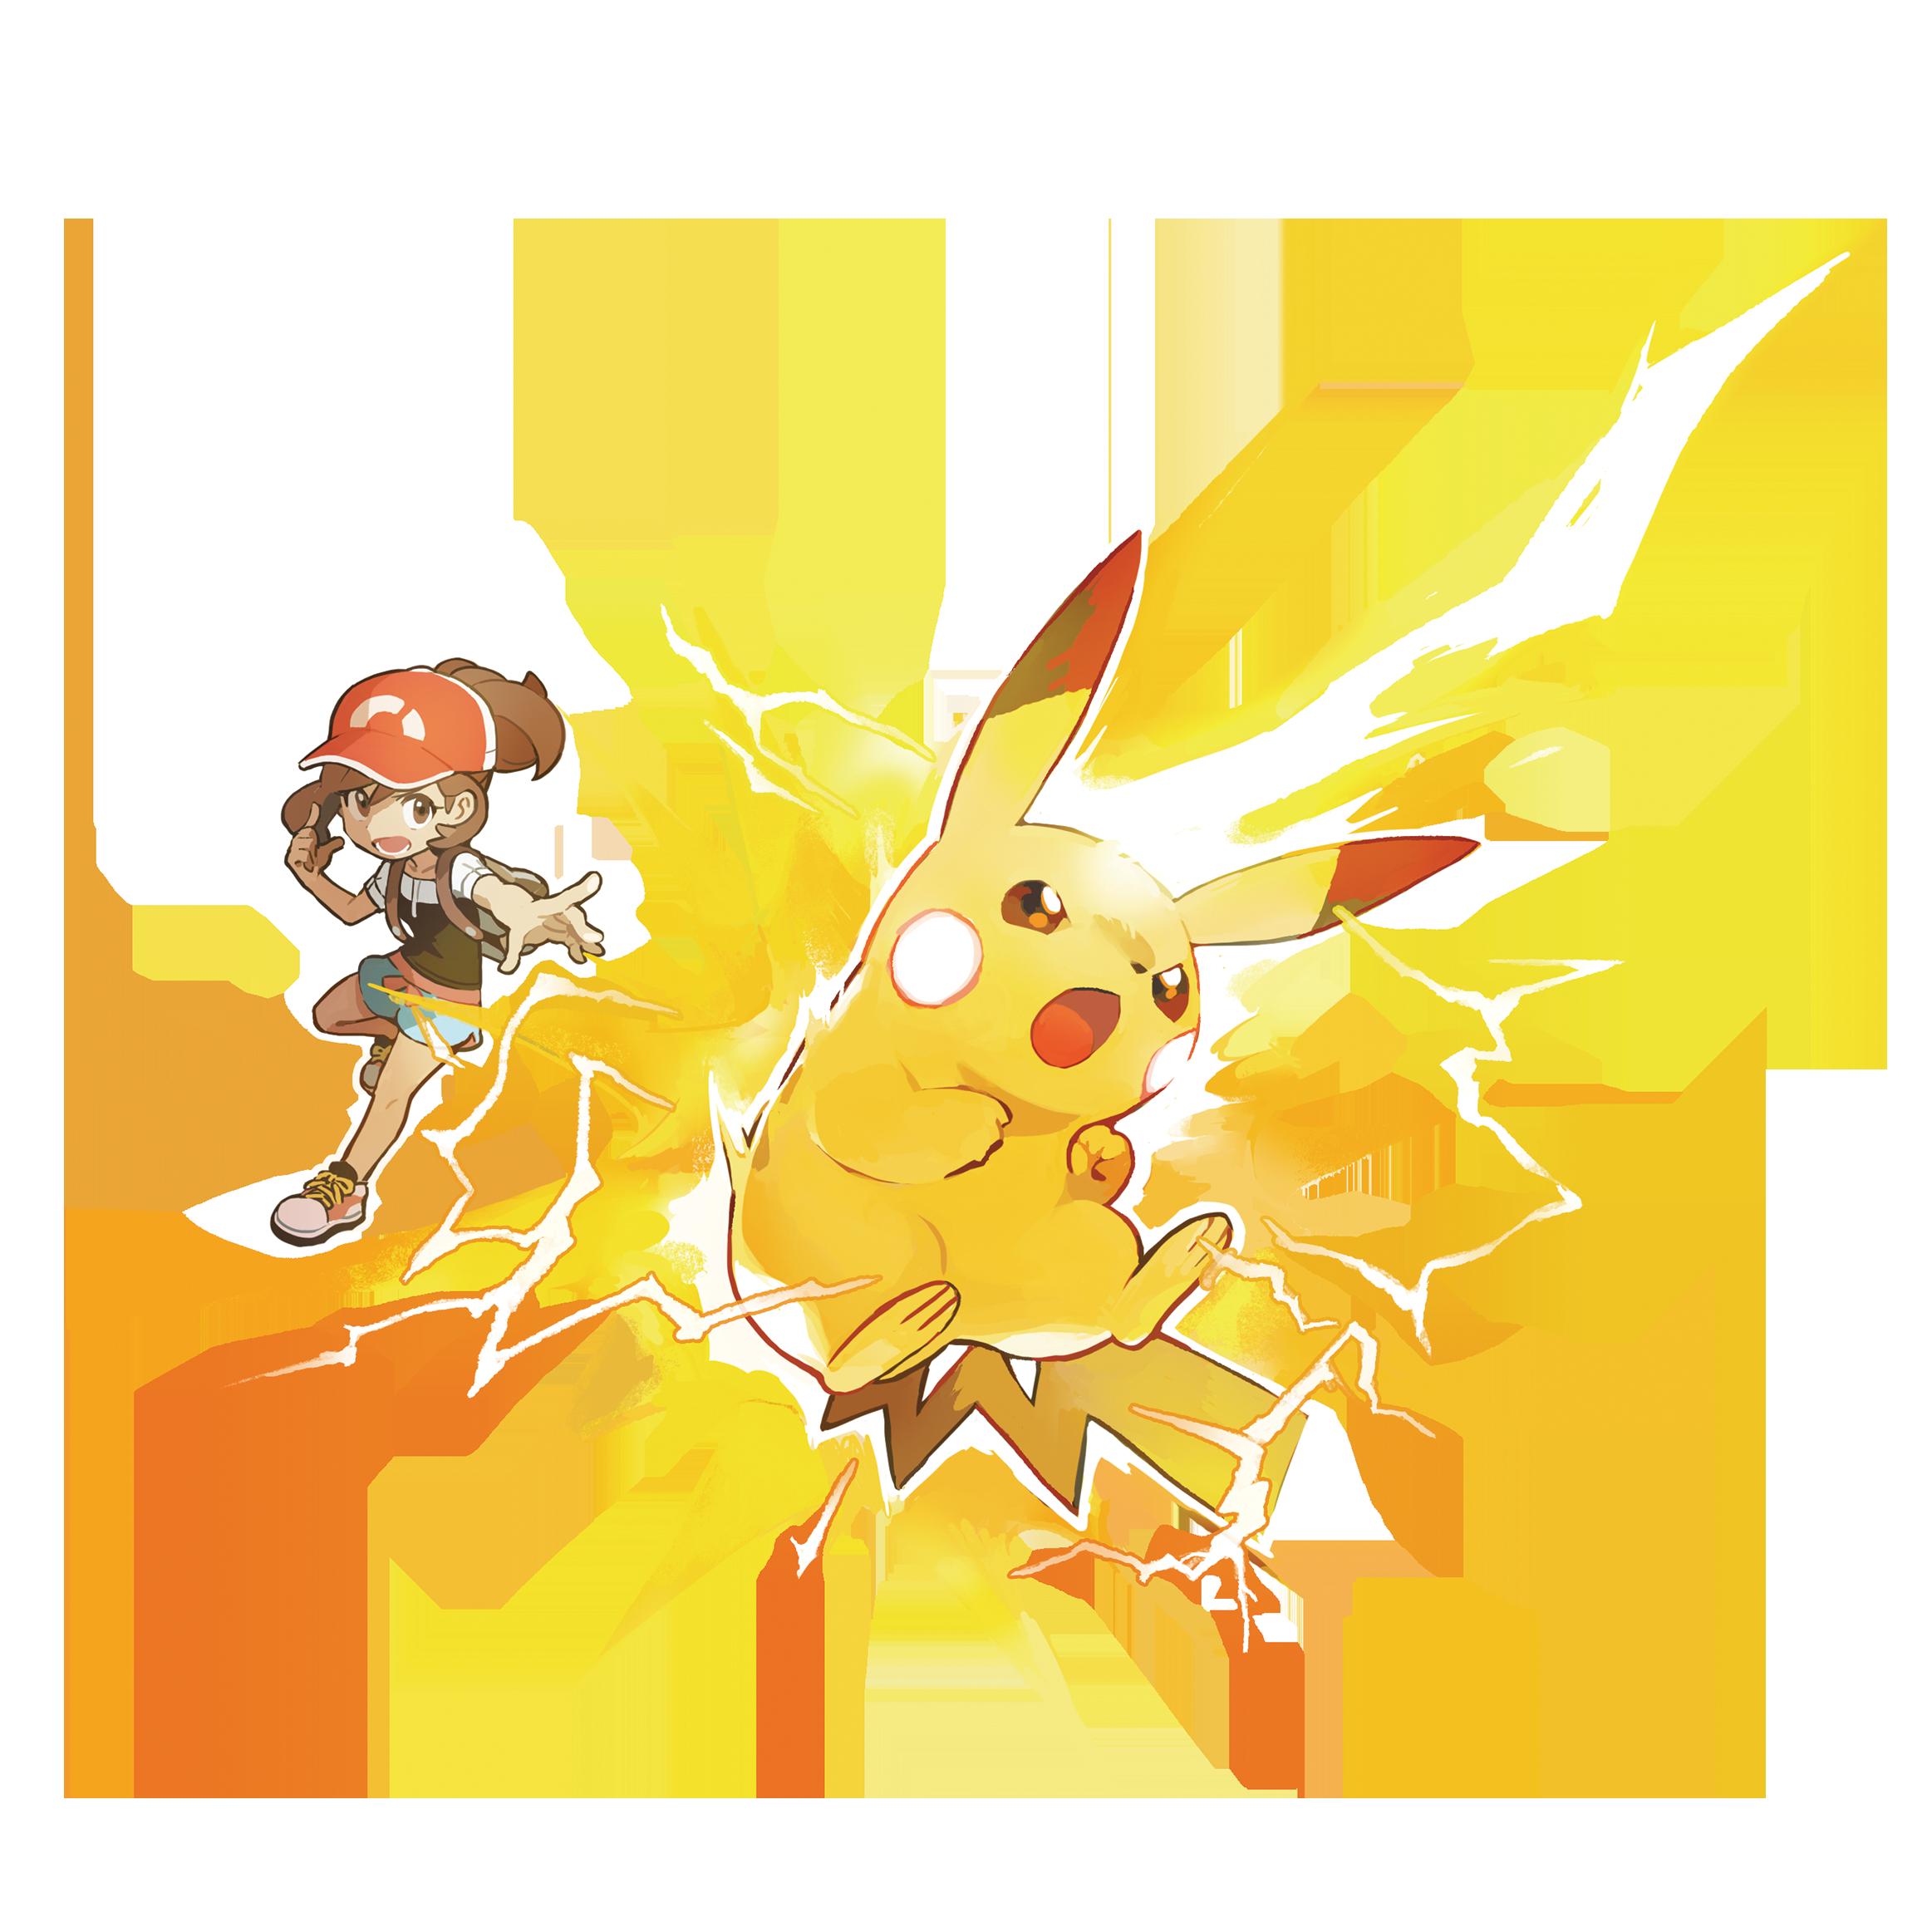 Pikachu Images: Pokemon Gelbe Edition Pikachu Attacken